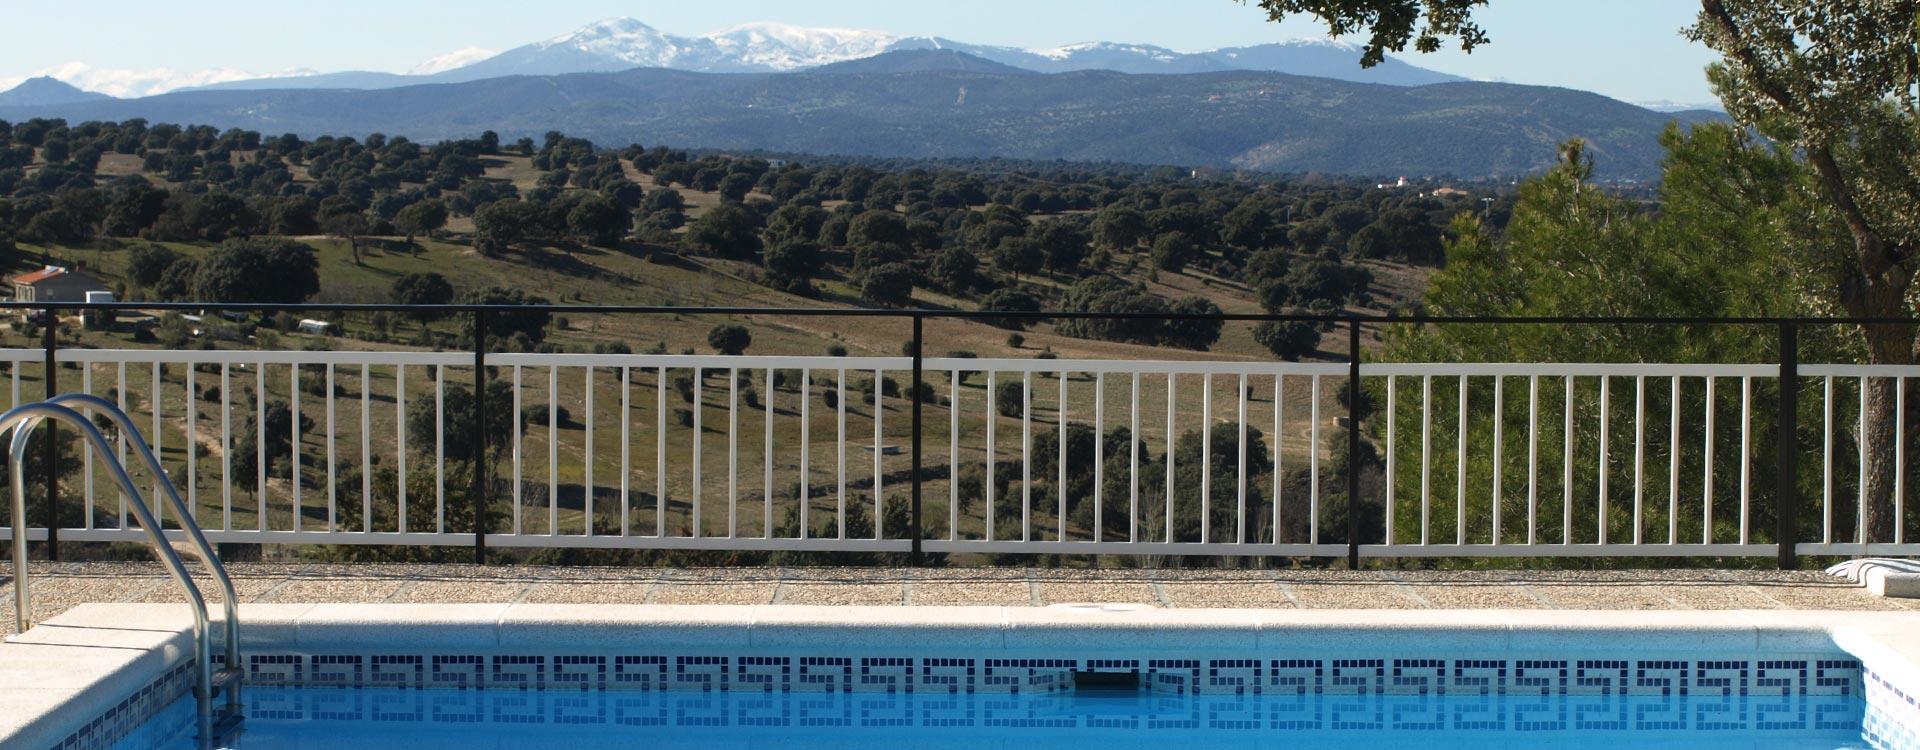 Disfrute de unas vistas inmejorables de la sierra de Madrid